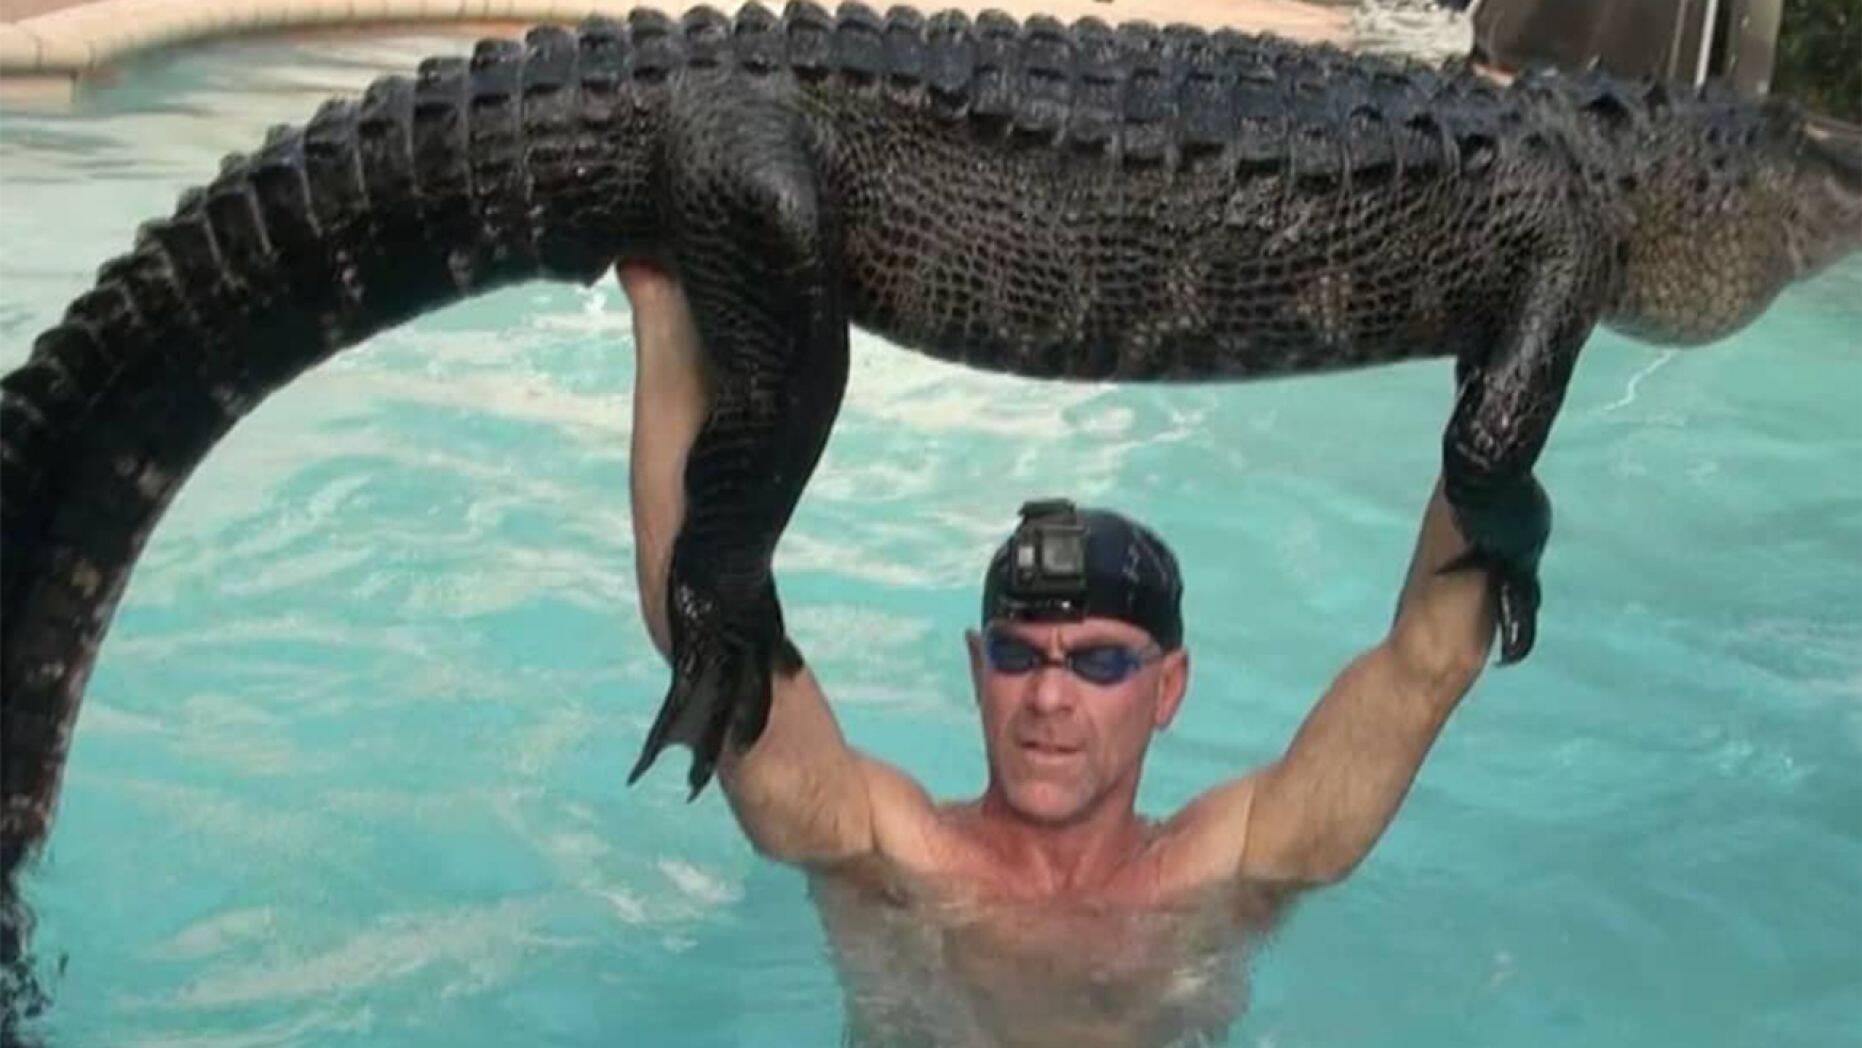 Alligator wrangled in pool.